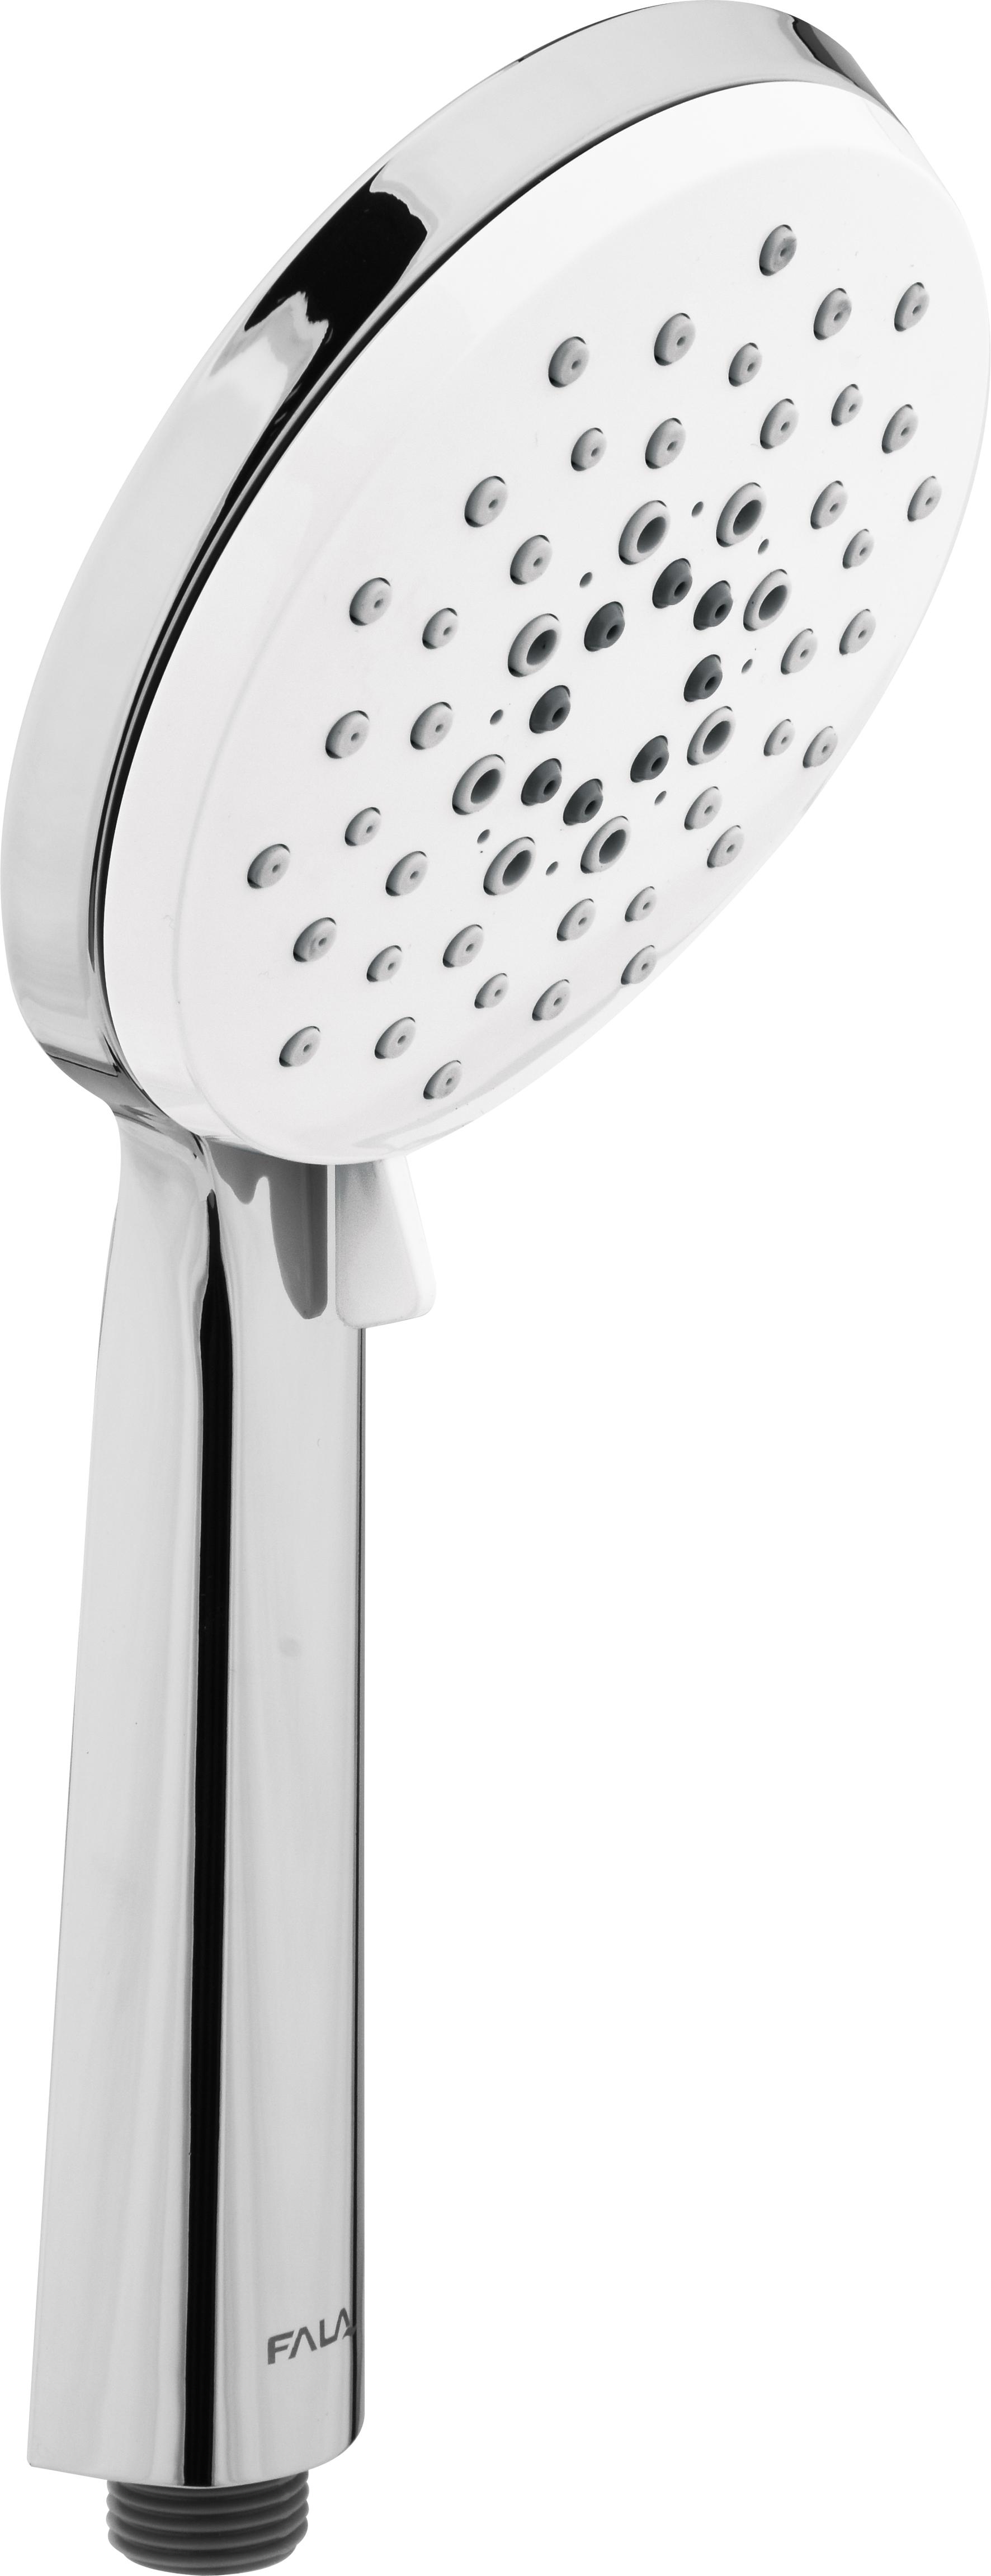 Sprchová hlavice WHITE MOON 120mm 3 funkce